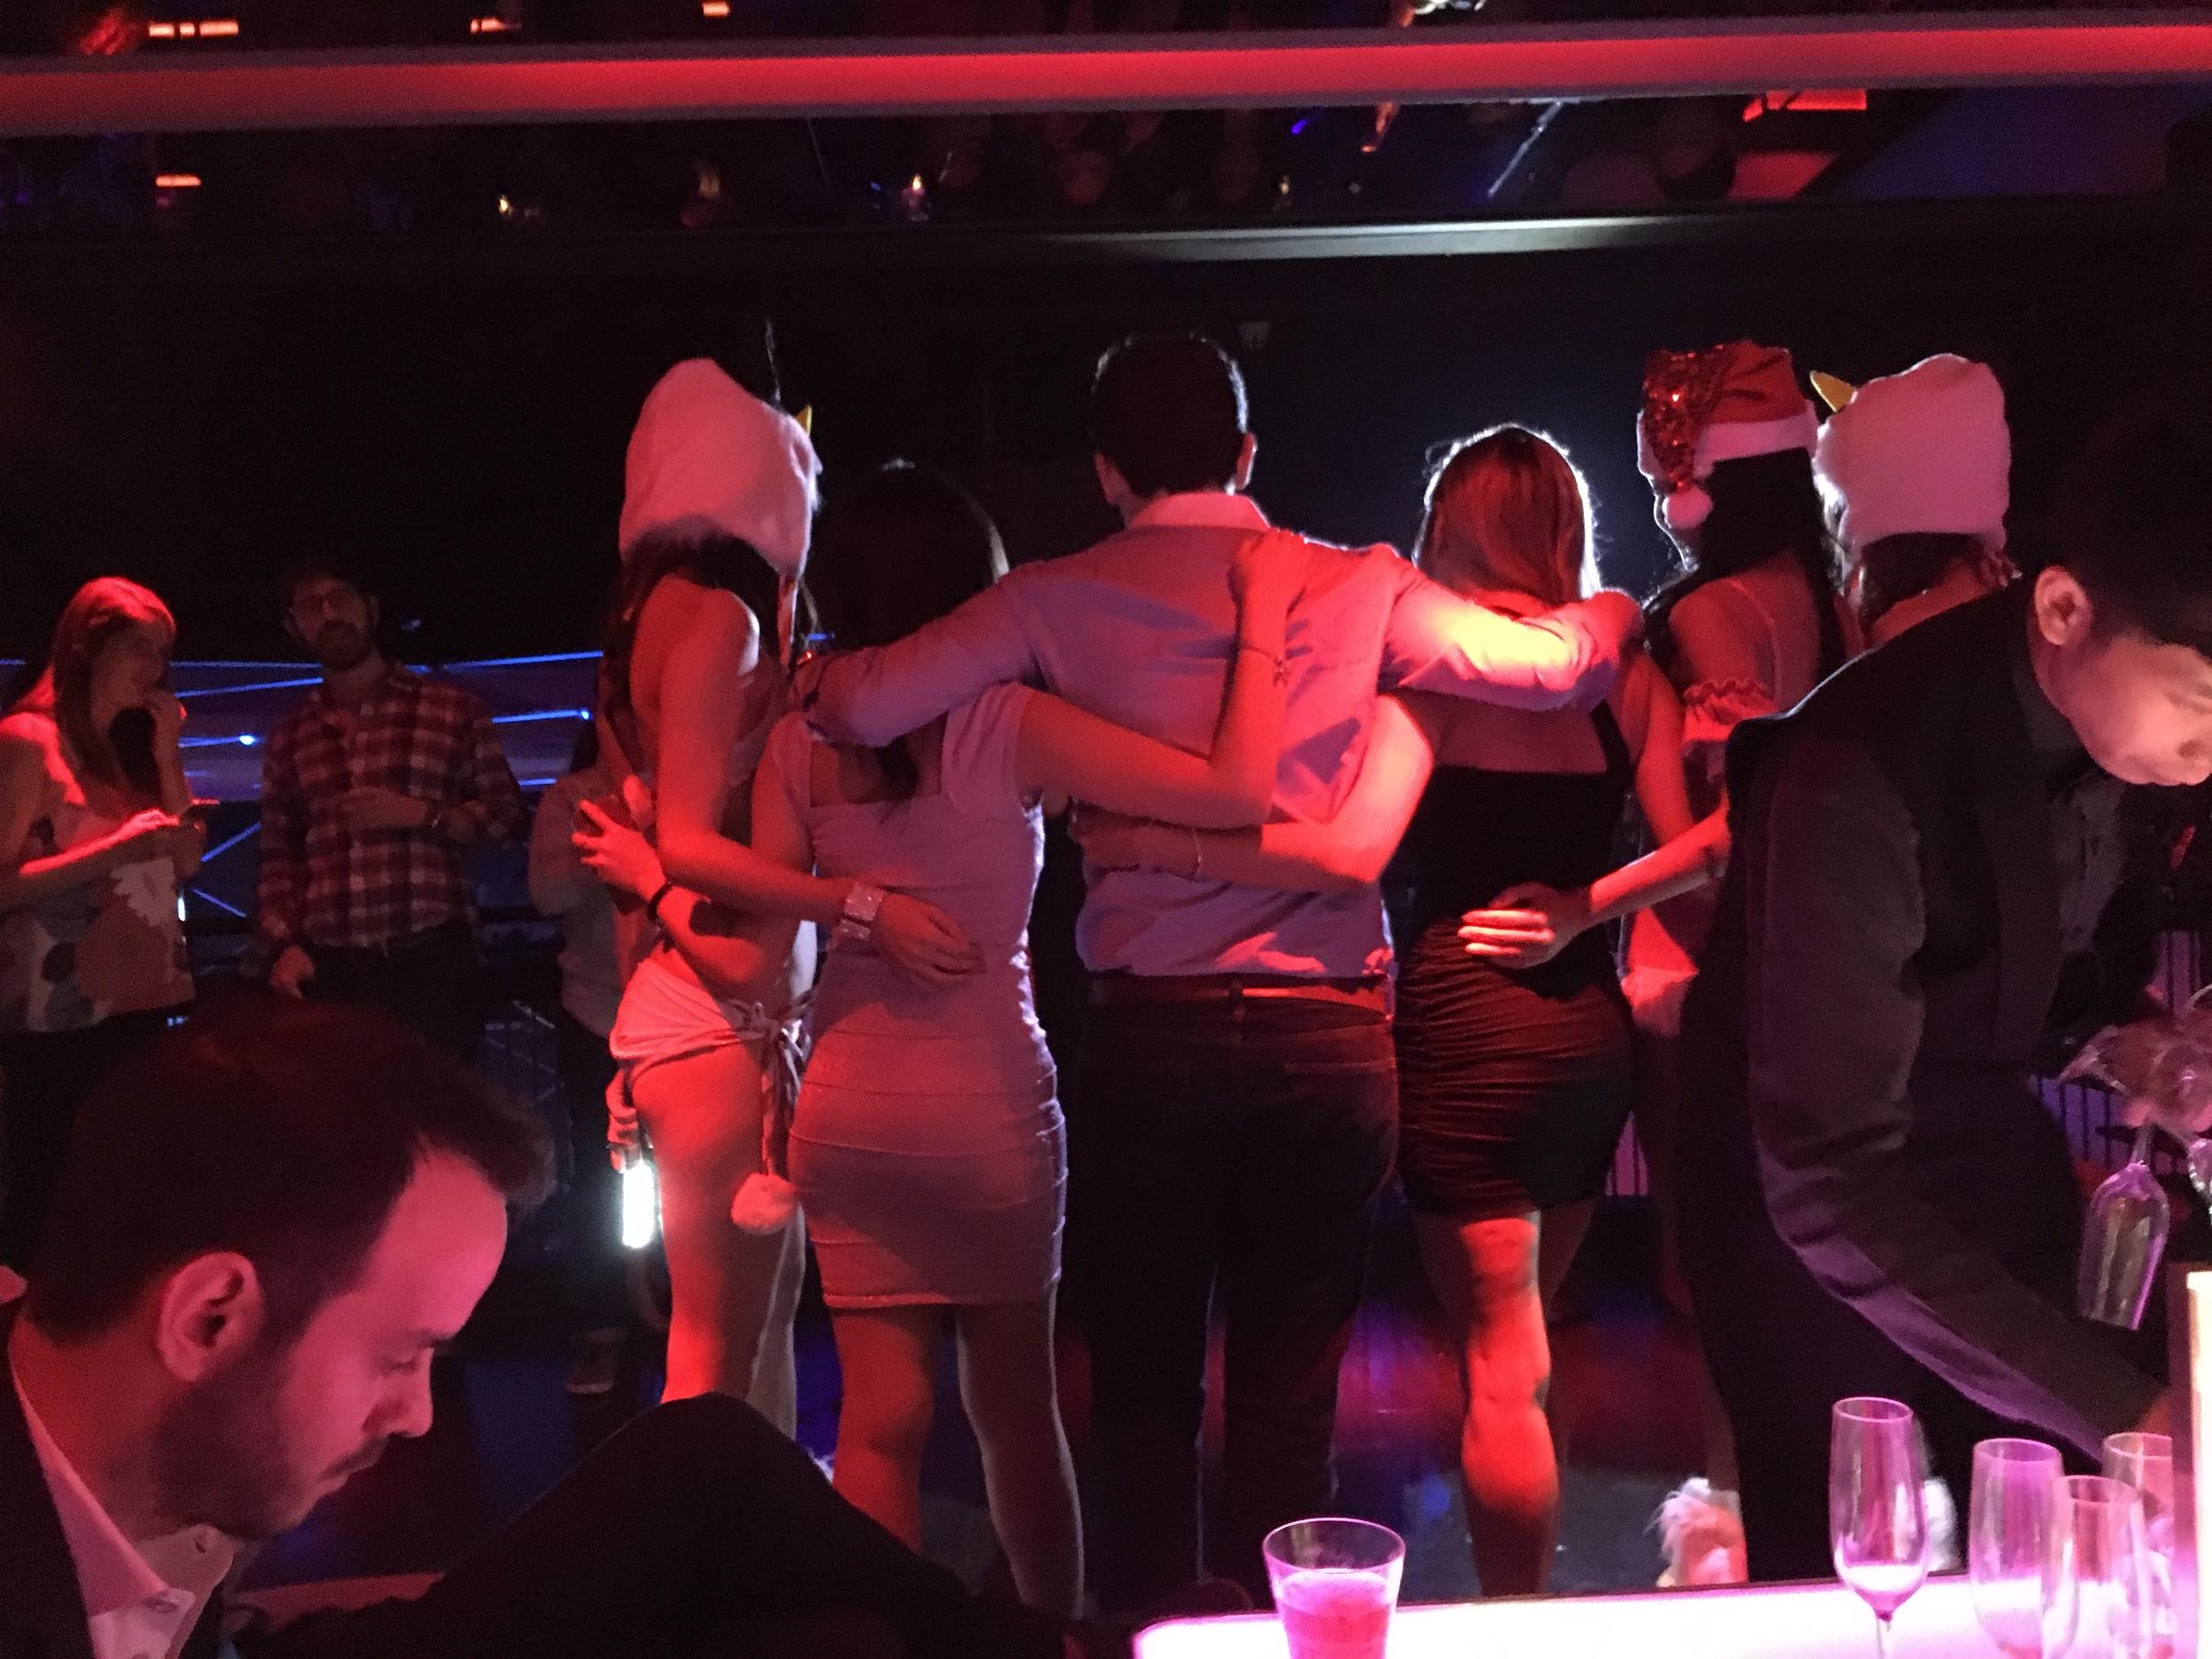 Pre-wedding clubbing